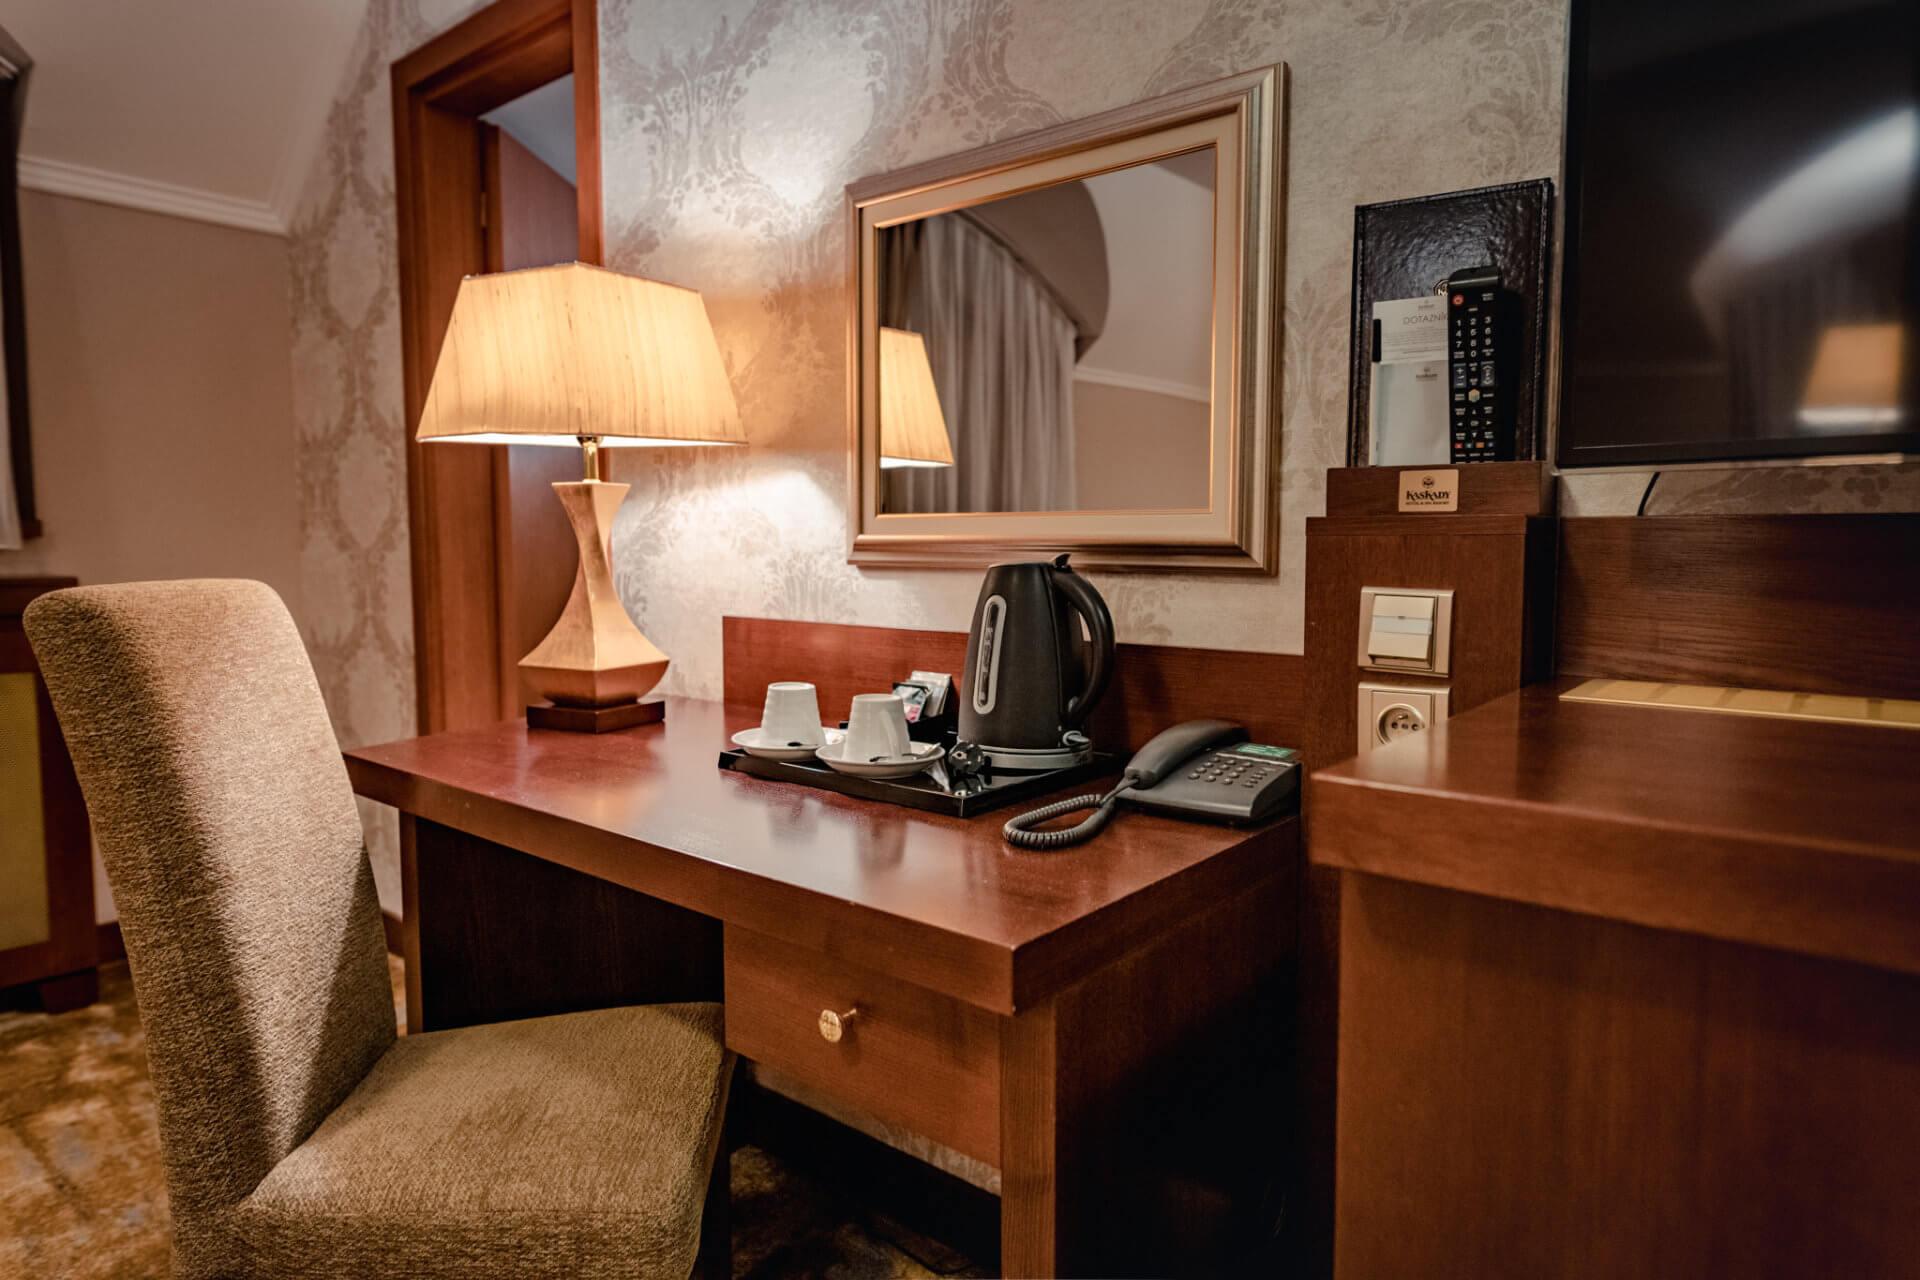 2-izbová suita LUX Kaskady